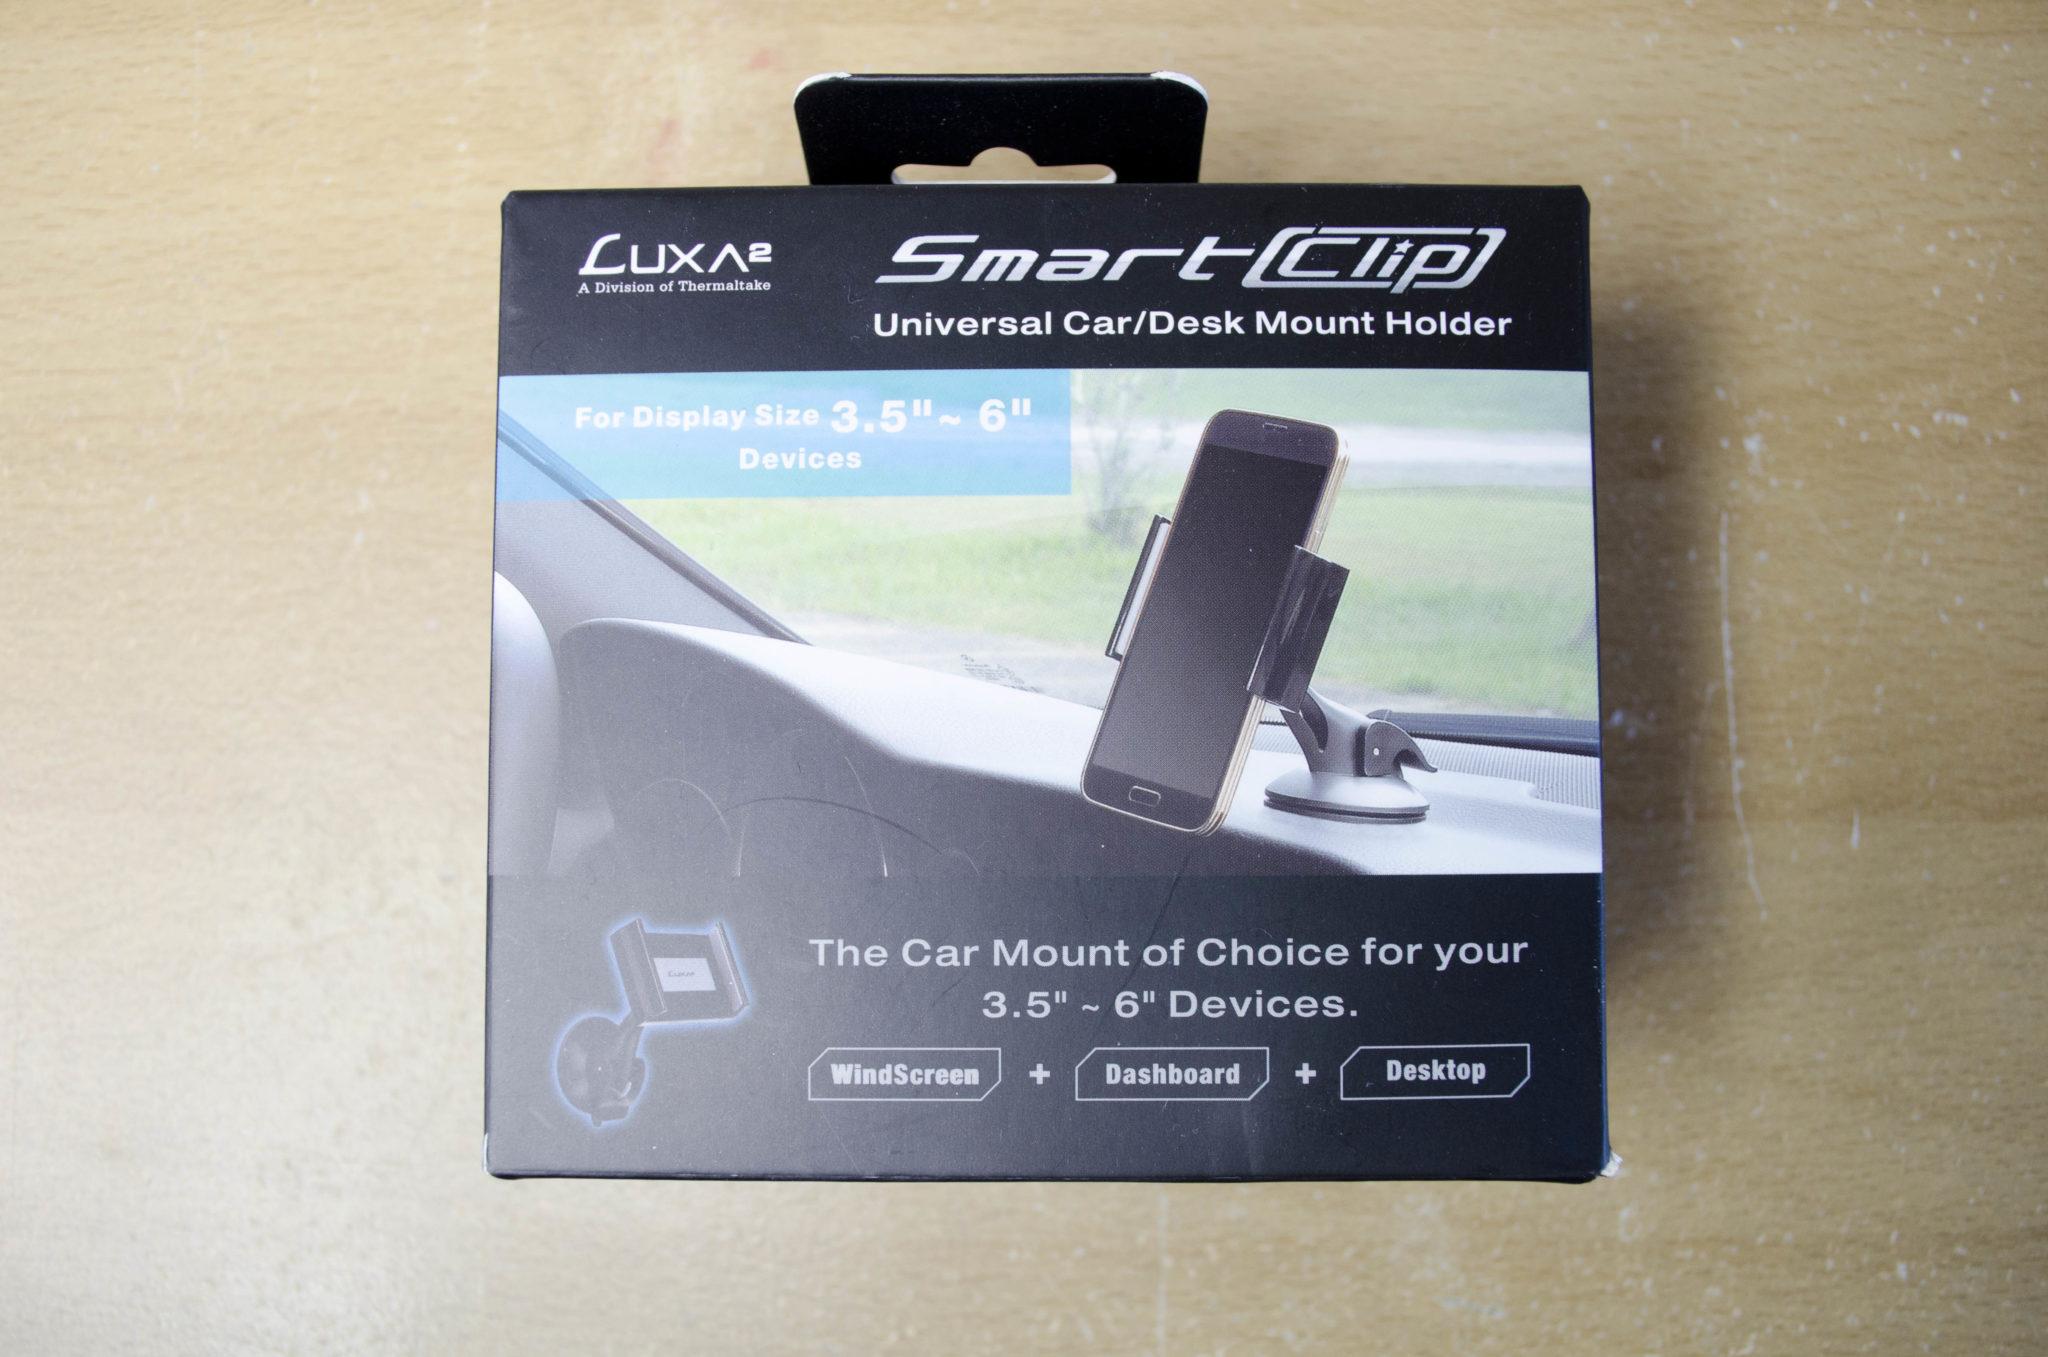 Luxa2 Smart Clip _6